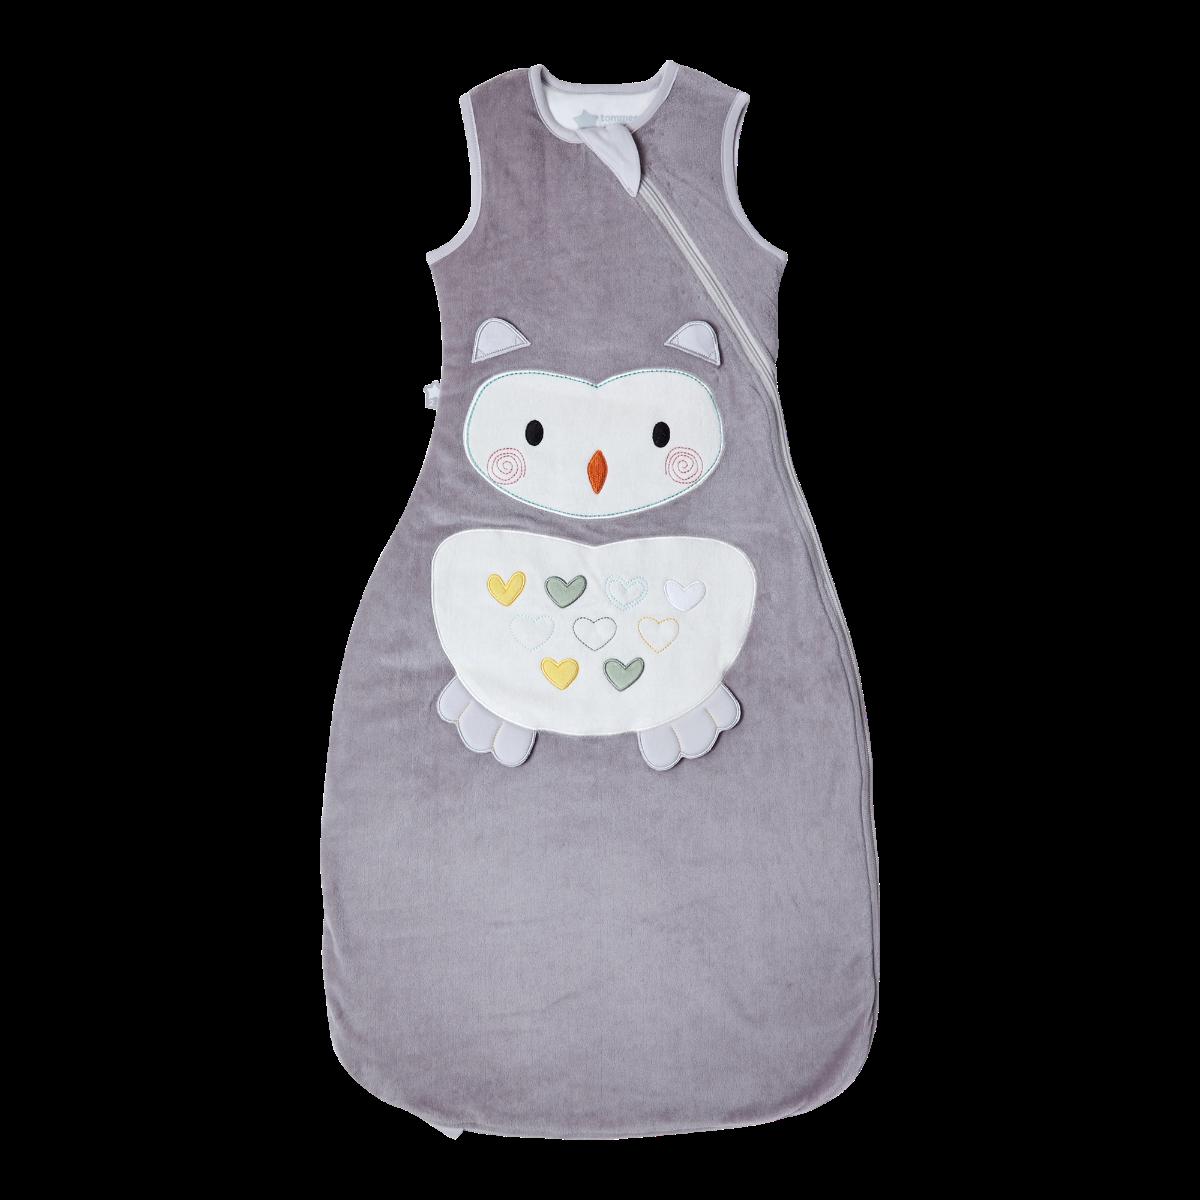 Spací pytel Grobag 6-18m celoroční Ollie the Owl